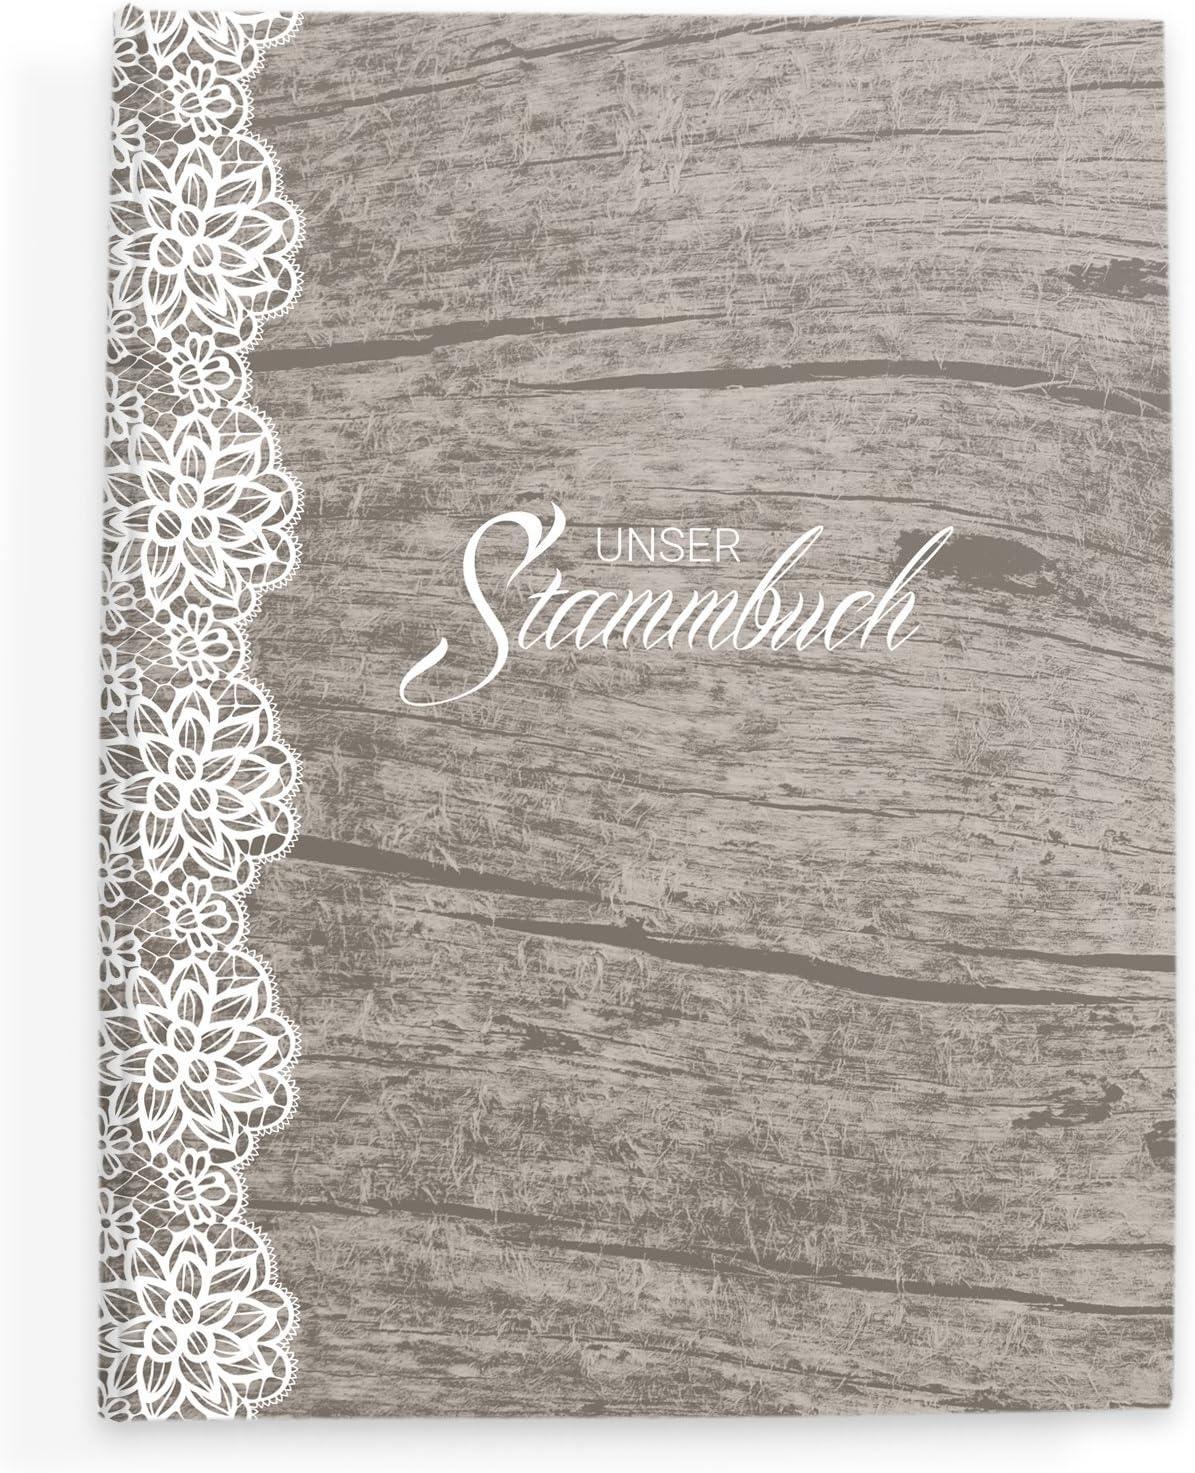 bigdaygraphix Stamm Libro de Familia de Familia Libro Vintage & Punta: Amazon.es: Juguetes y juegos